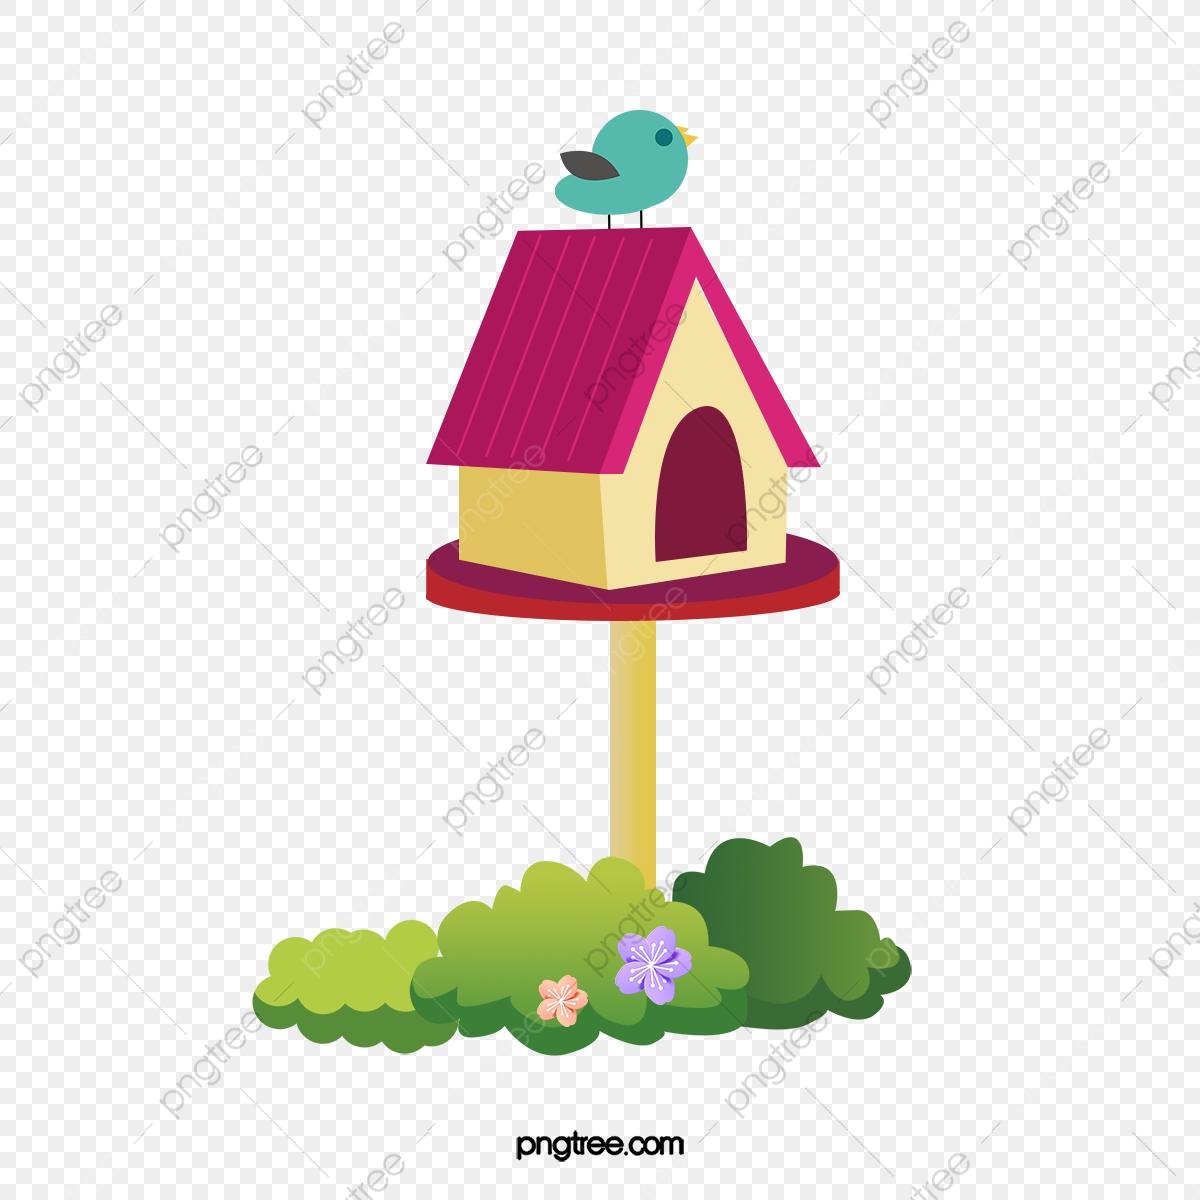 Dessin D'oiseaux De Vecteur, Vert De L'oiseau, Nid, Cabane concernant Dessin D Oiseau Simple